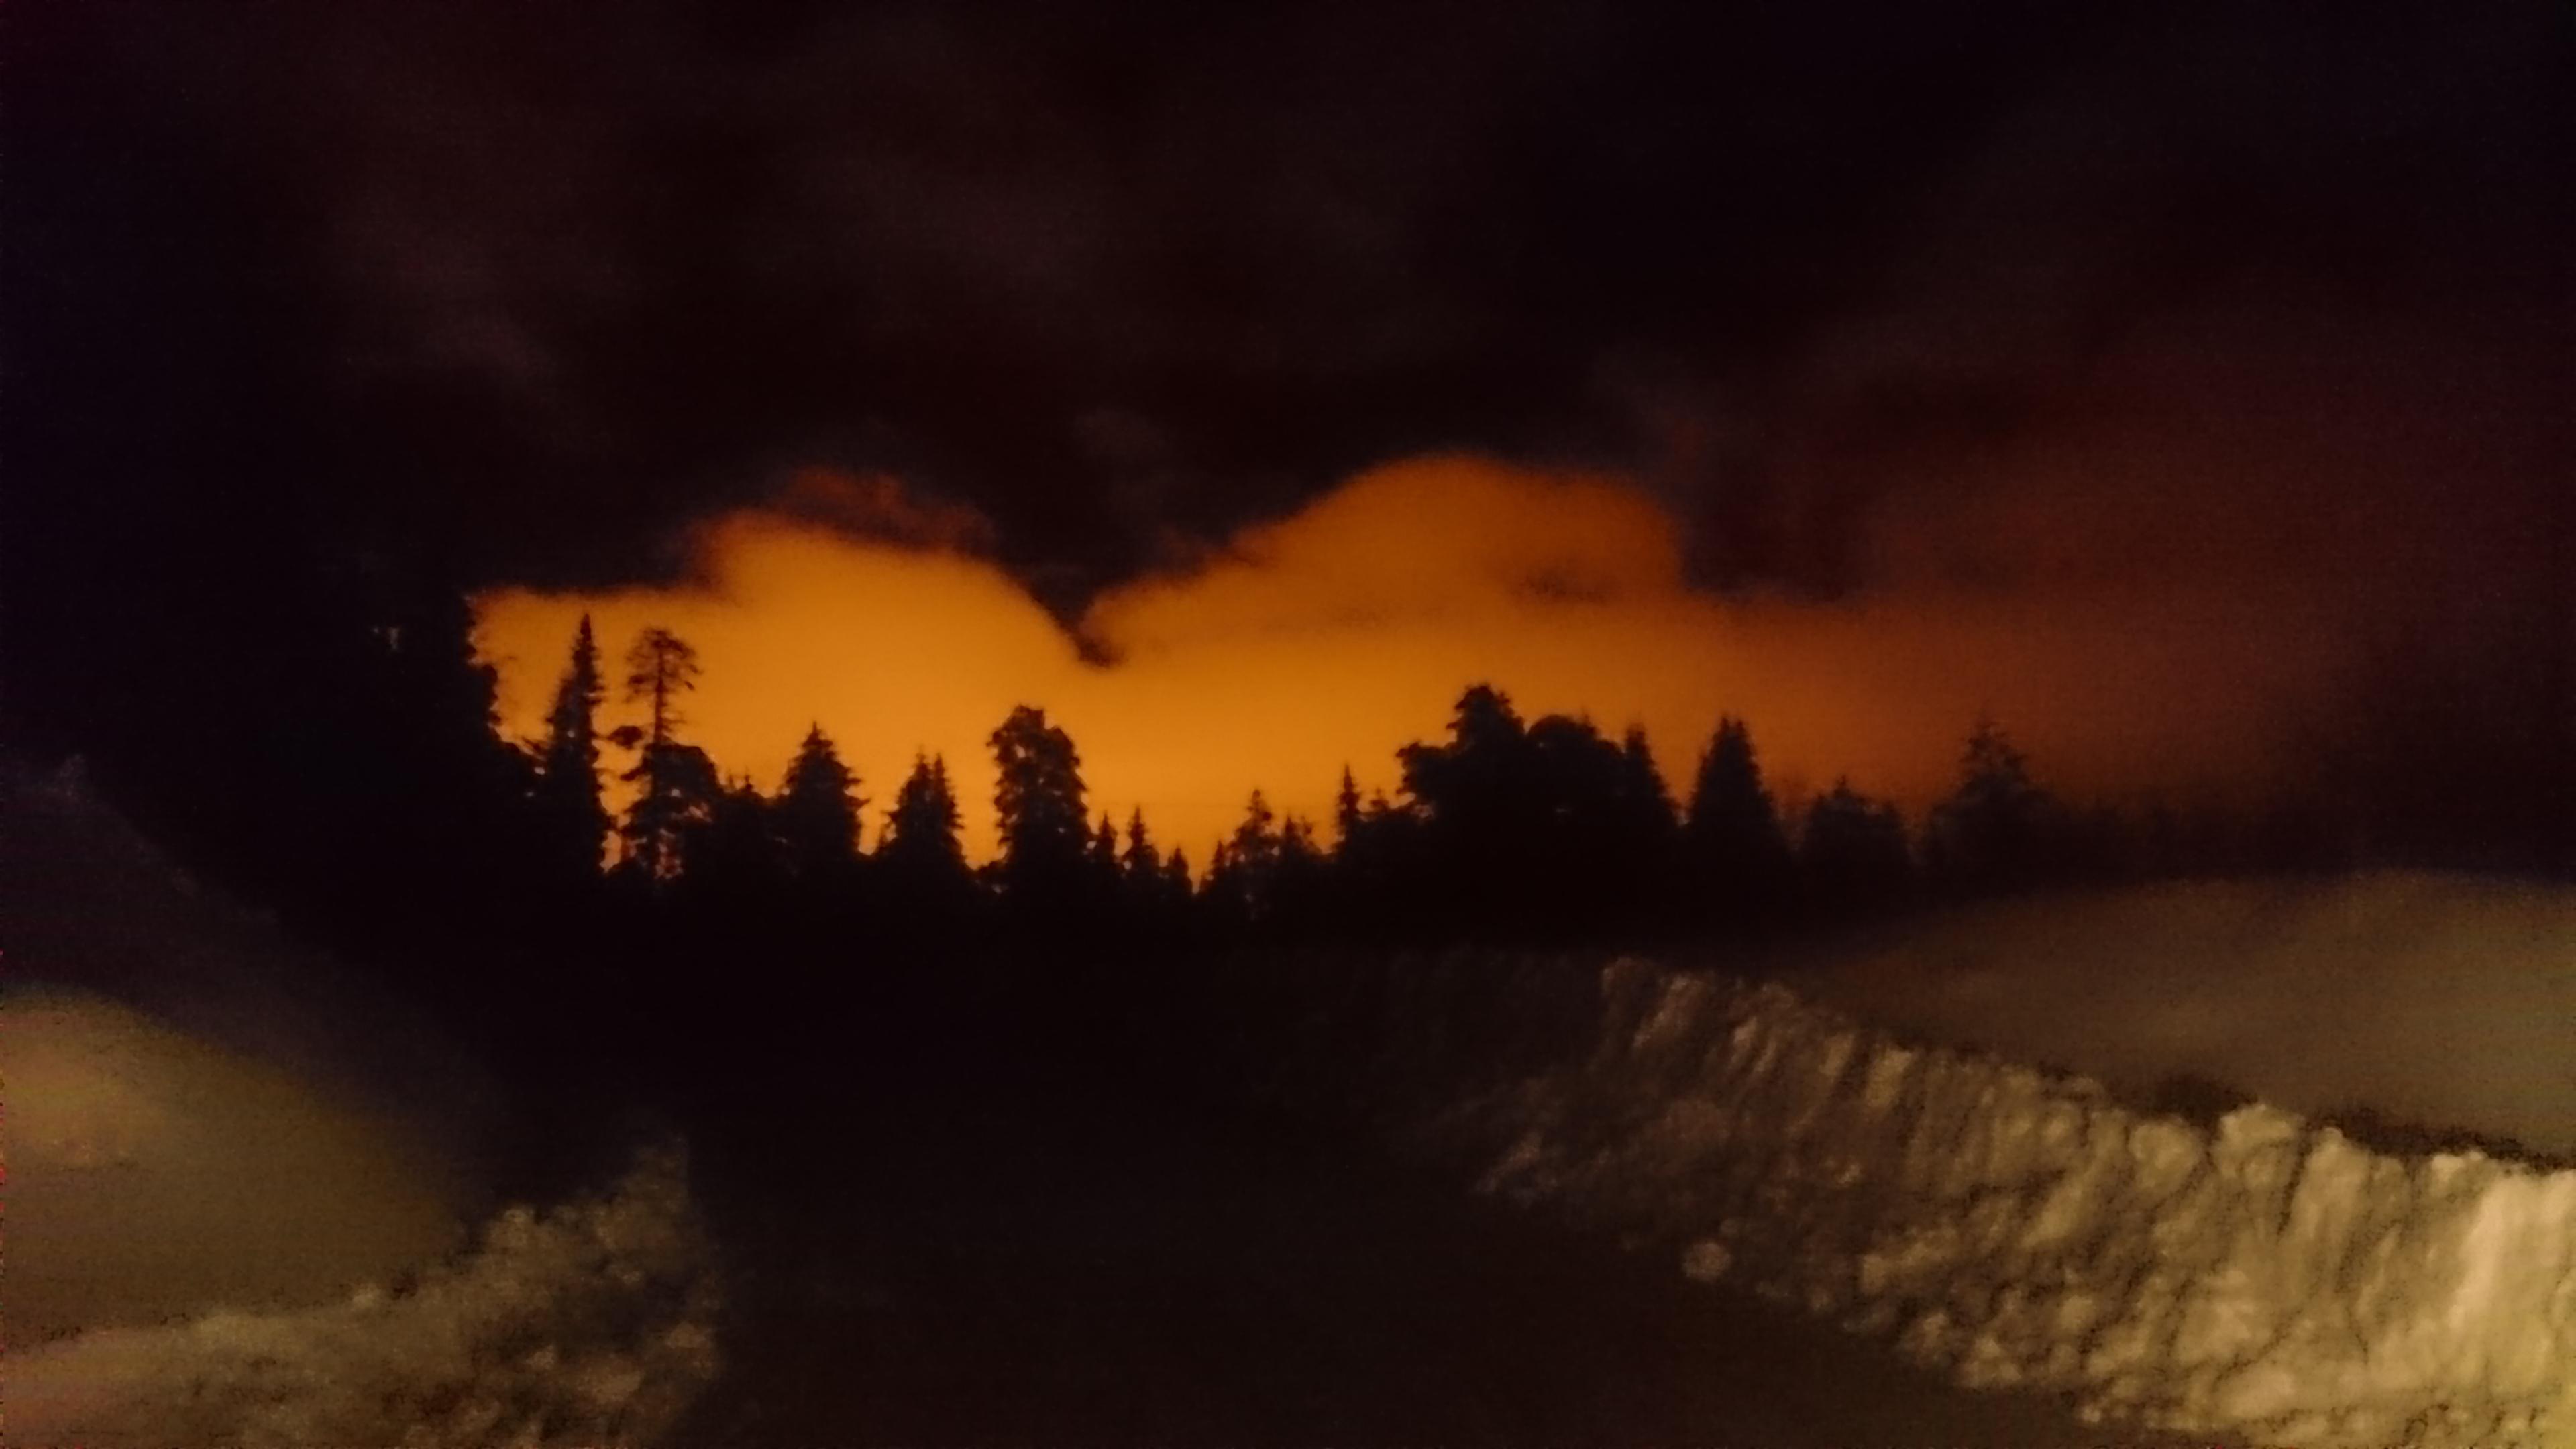 Winter Nachthimmel in Schweden leuchtet orange